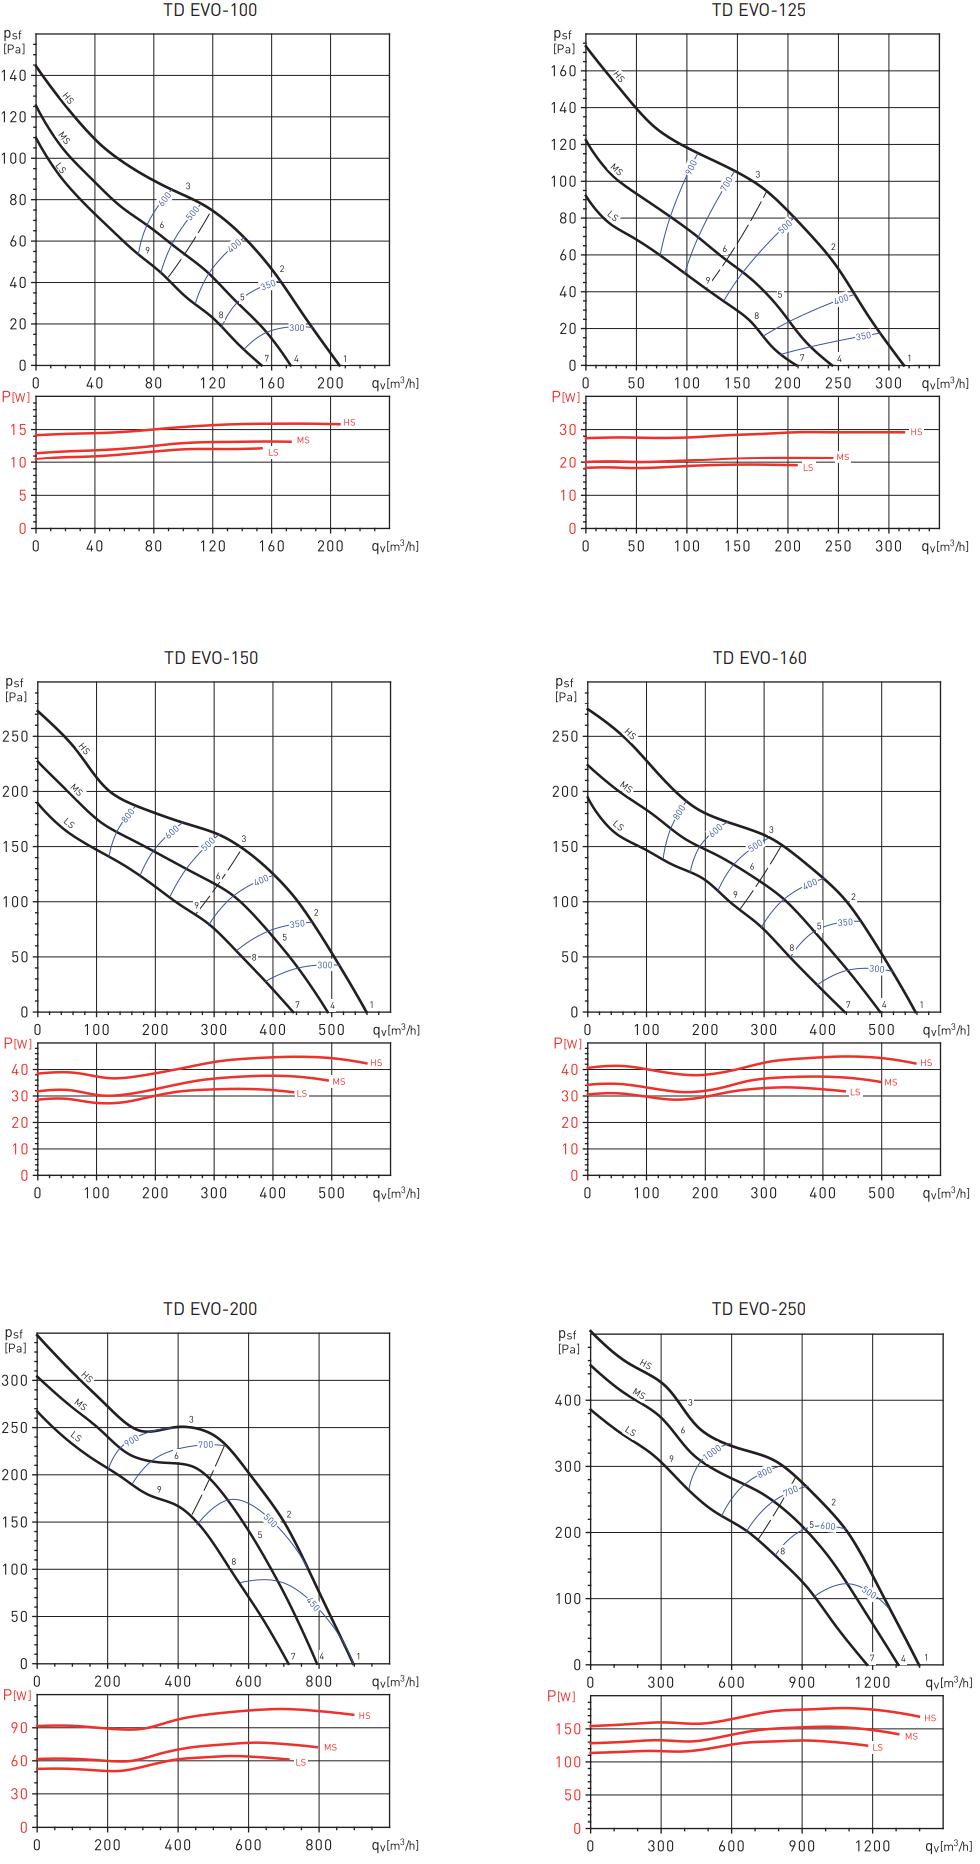 Soler&Palau TD EVO - Аэродинамические характеристики